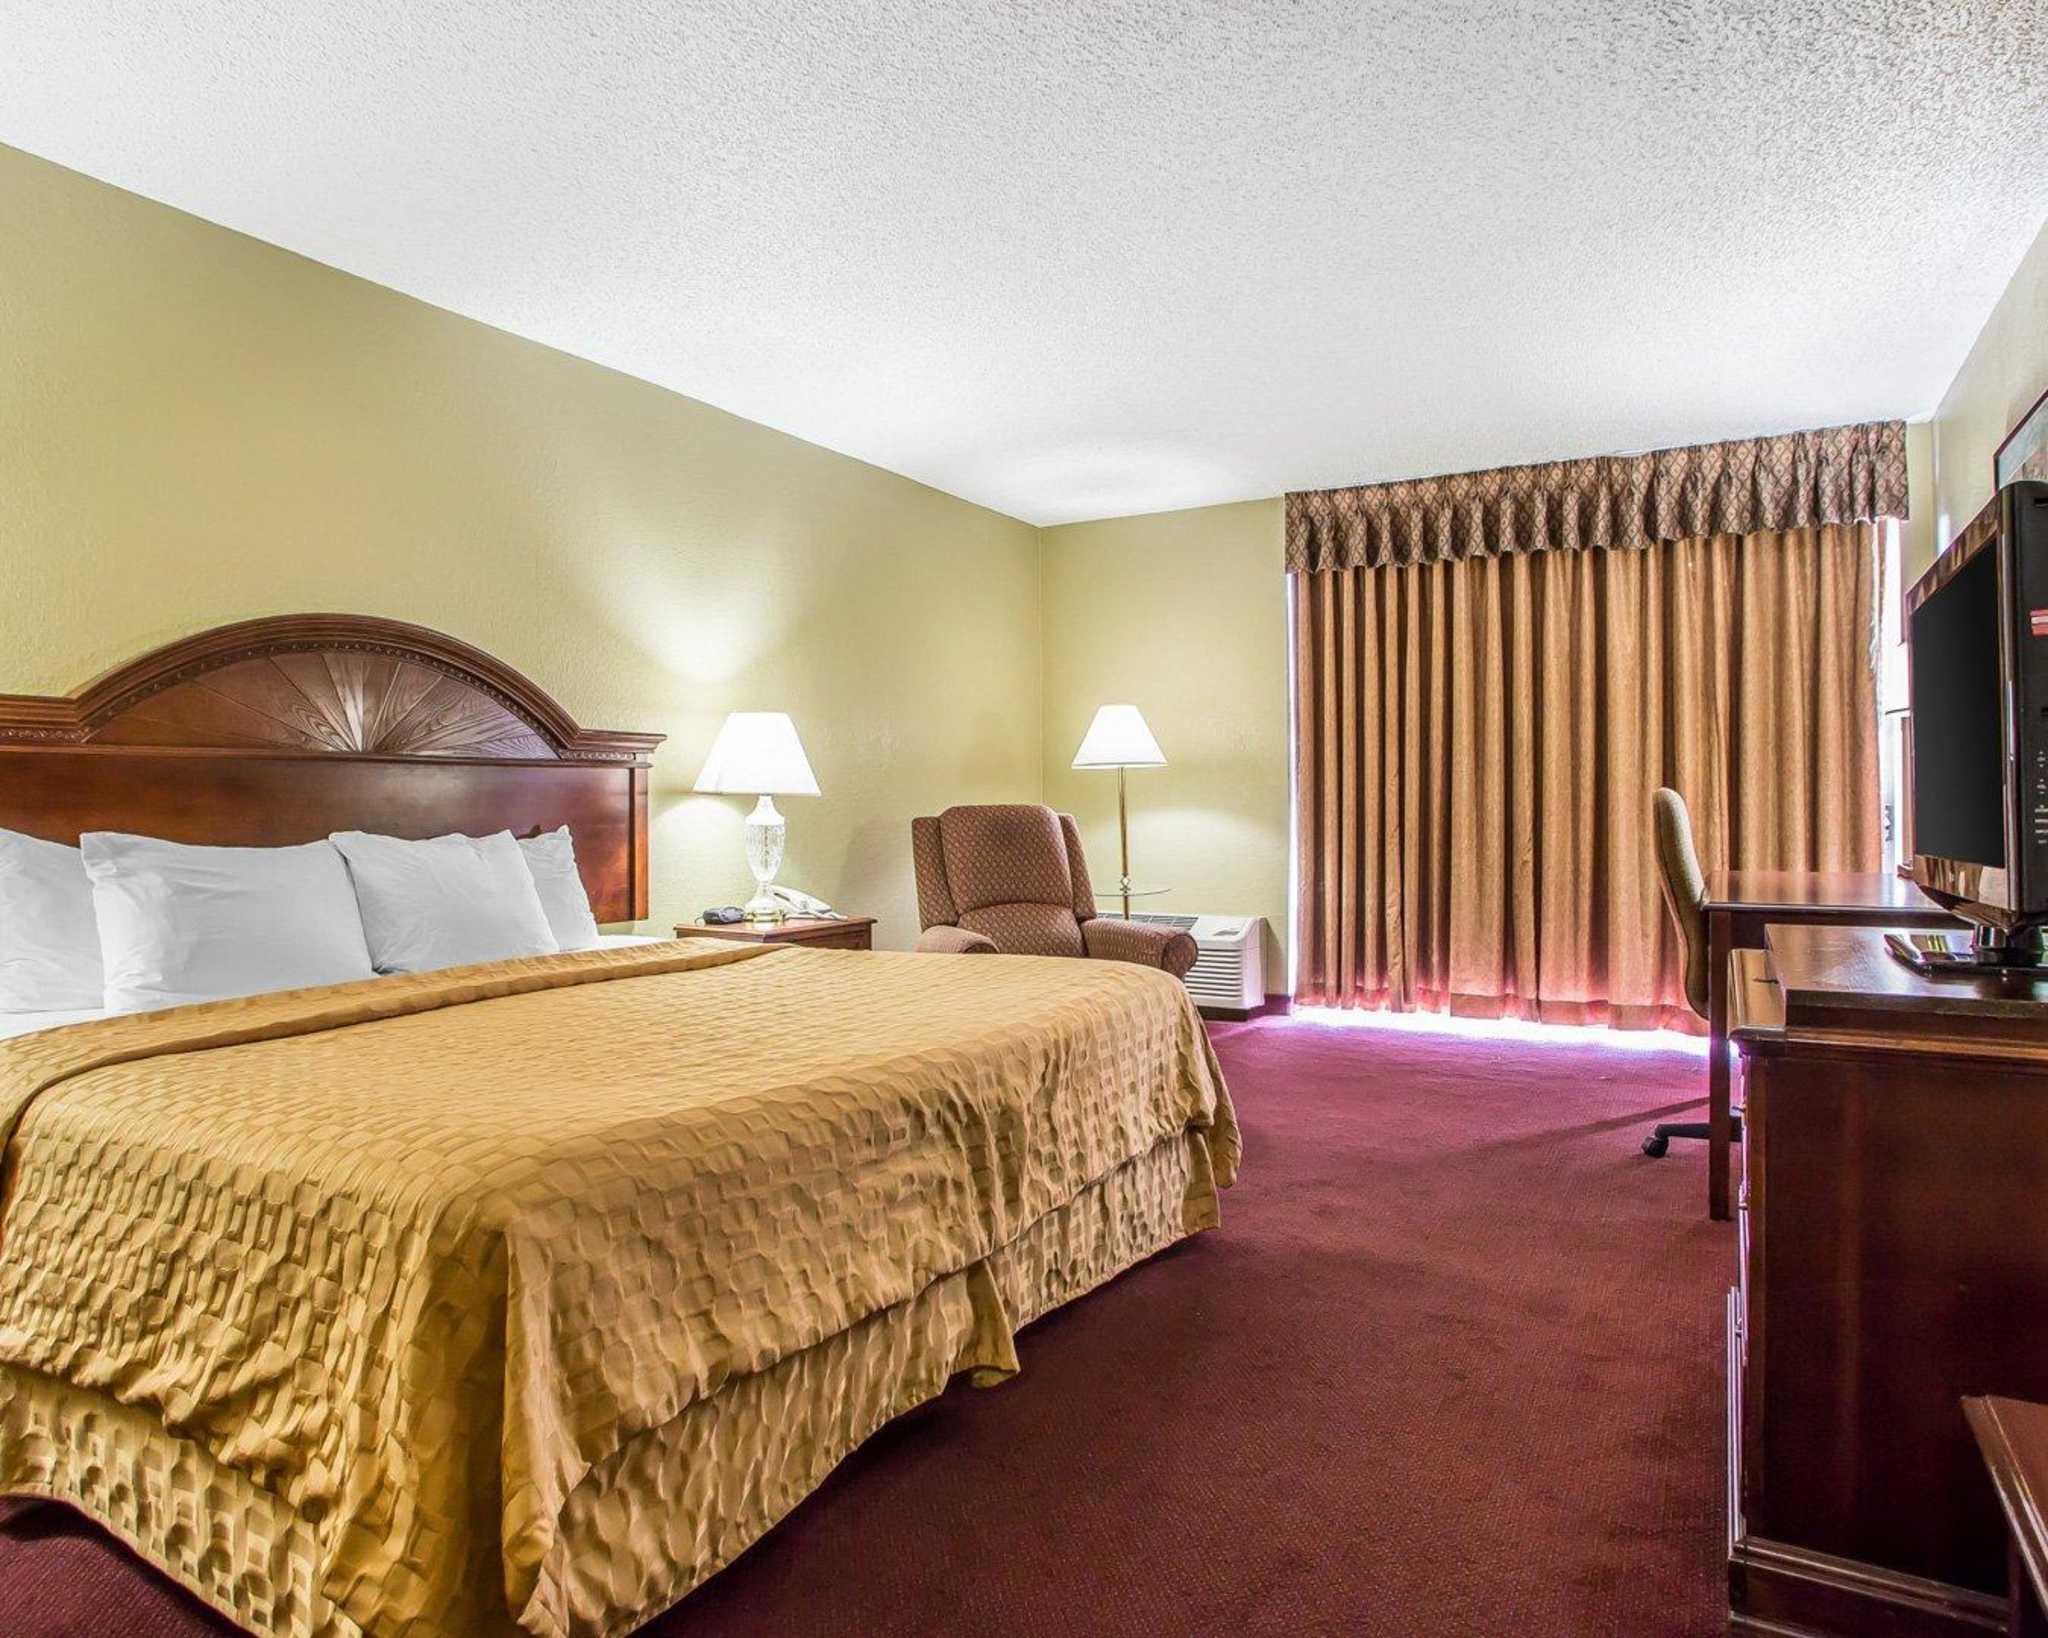 Clarion Hotel Highlander Conference Center image 9